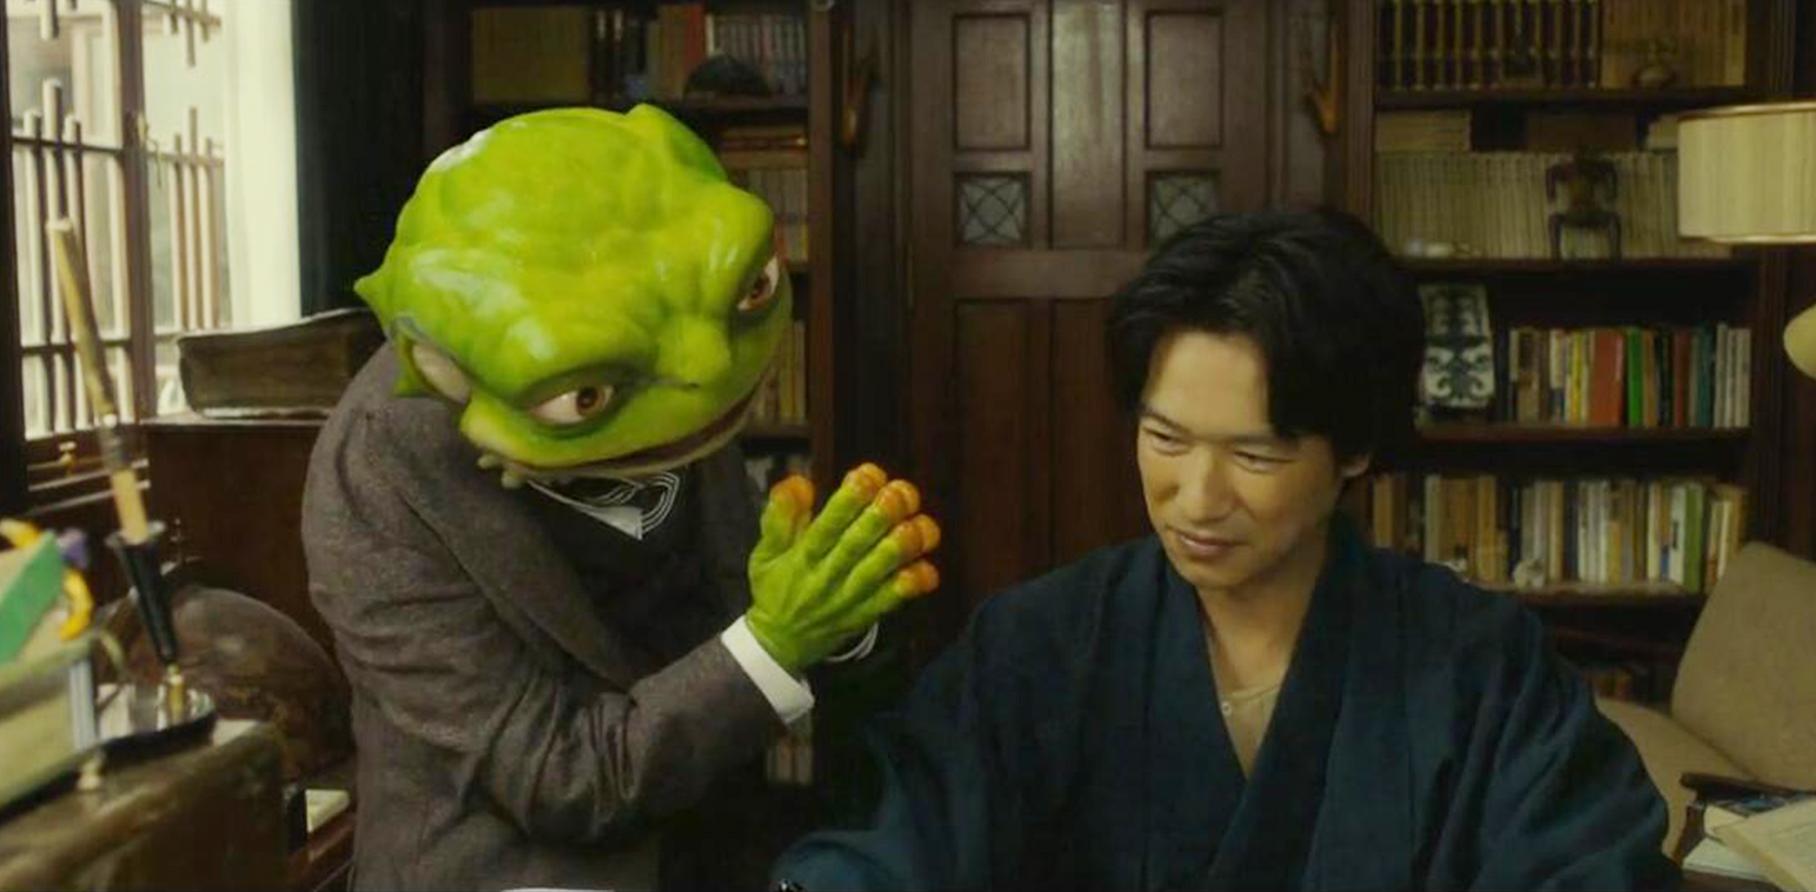 #惊悚看电影#作家的好友得病去世,为了能留在人间,甘愿成为一只大青蛙